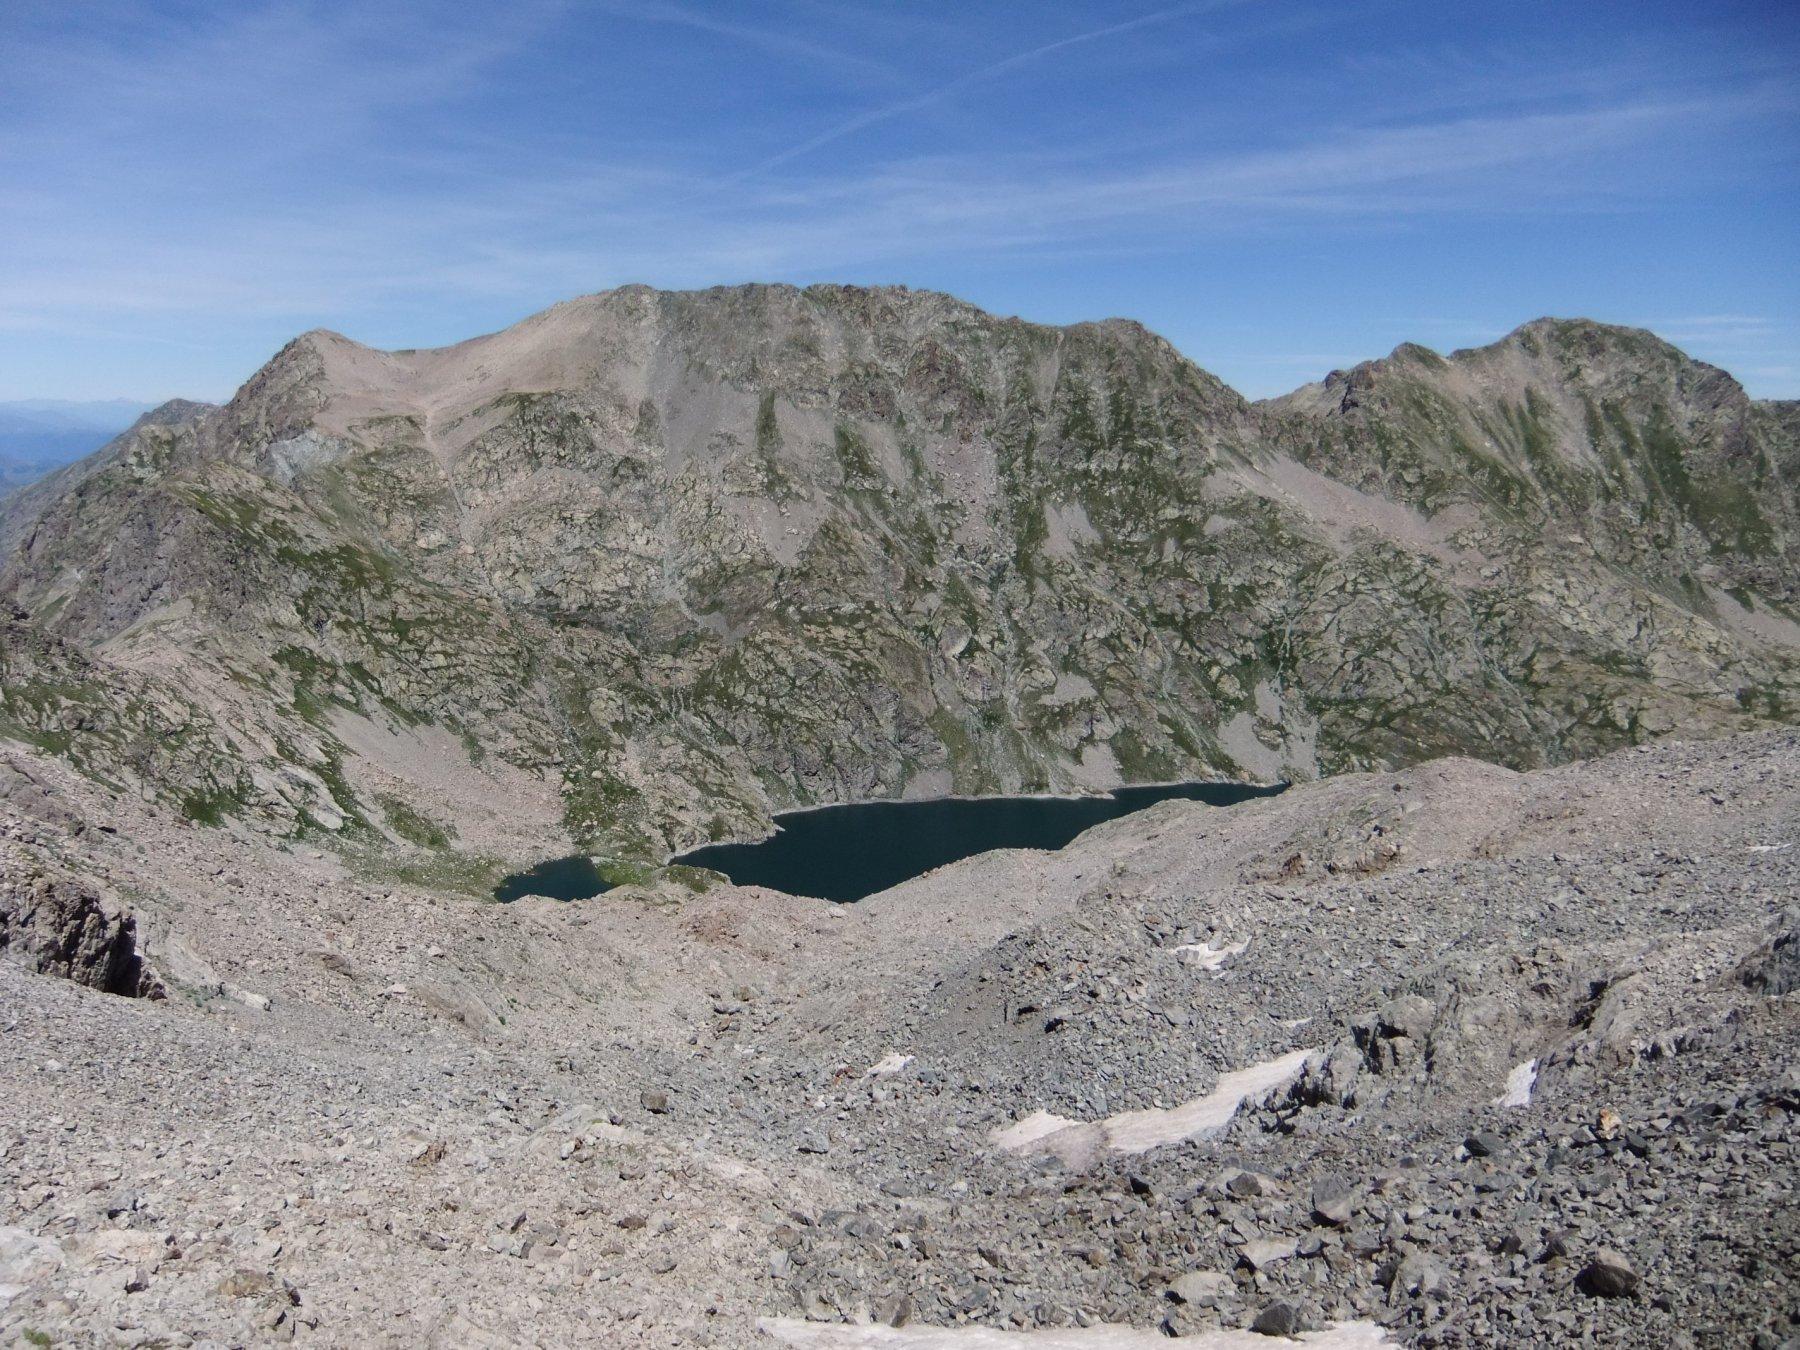 Sopra il lago , a sinistra la Cima Ovest e la Cima Est de l' Agnel